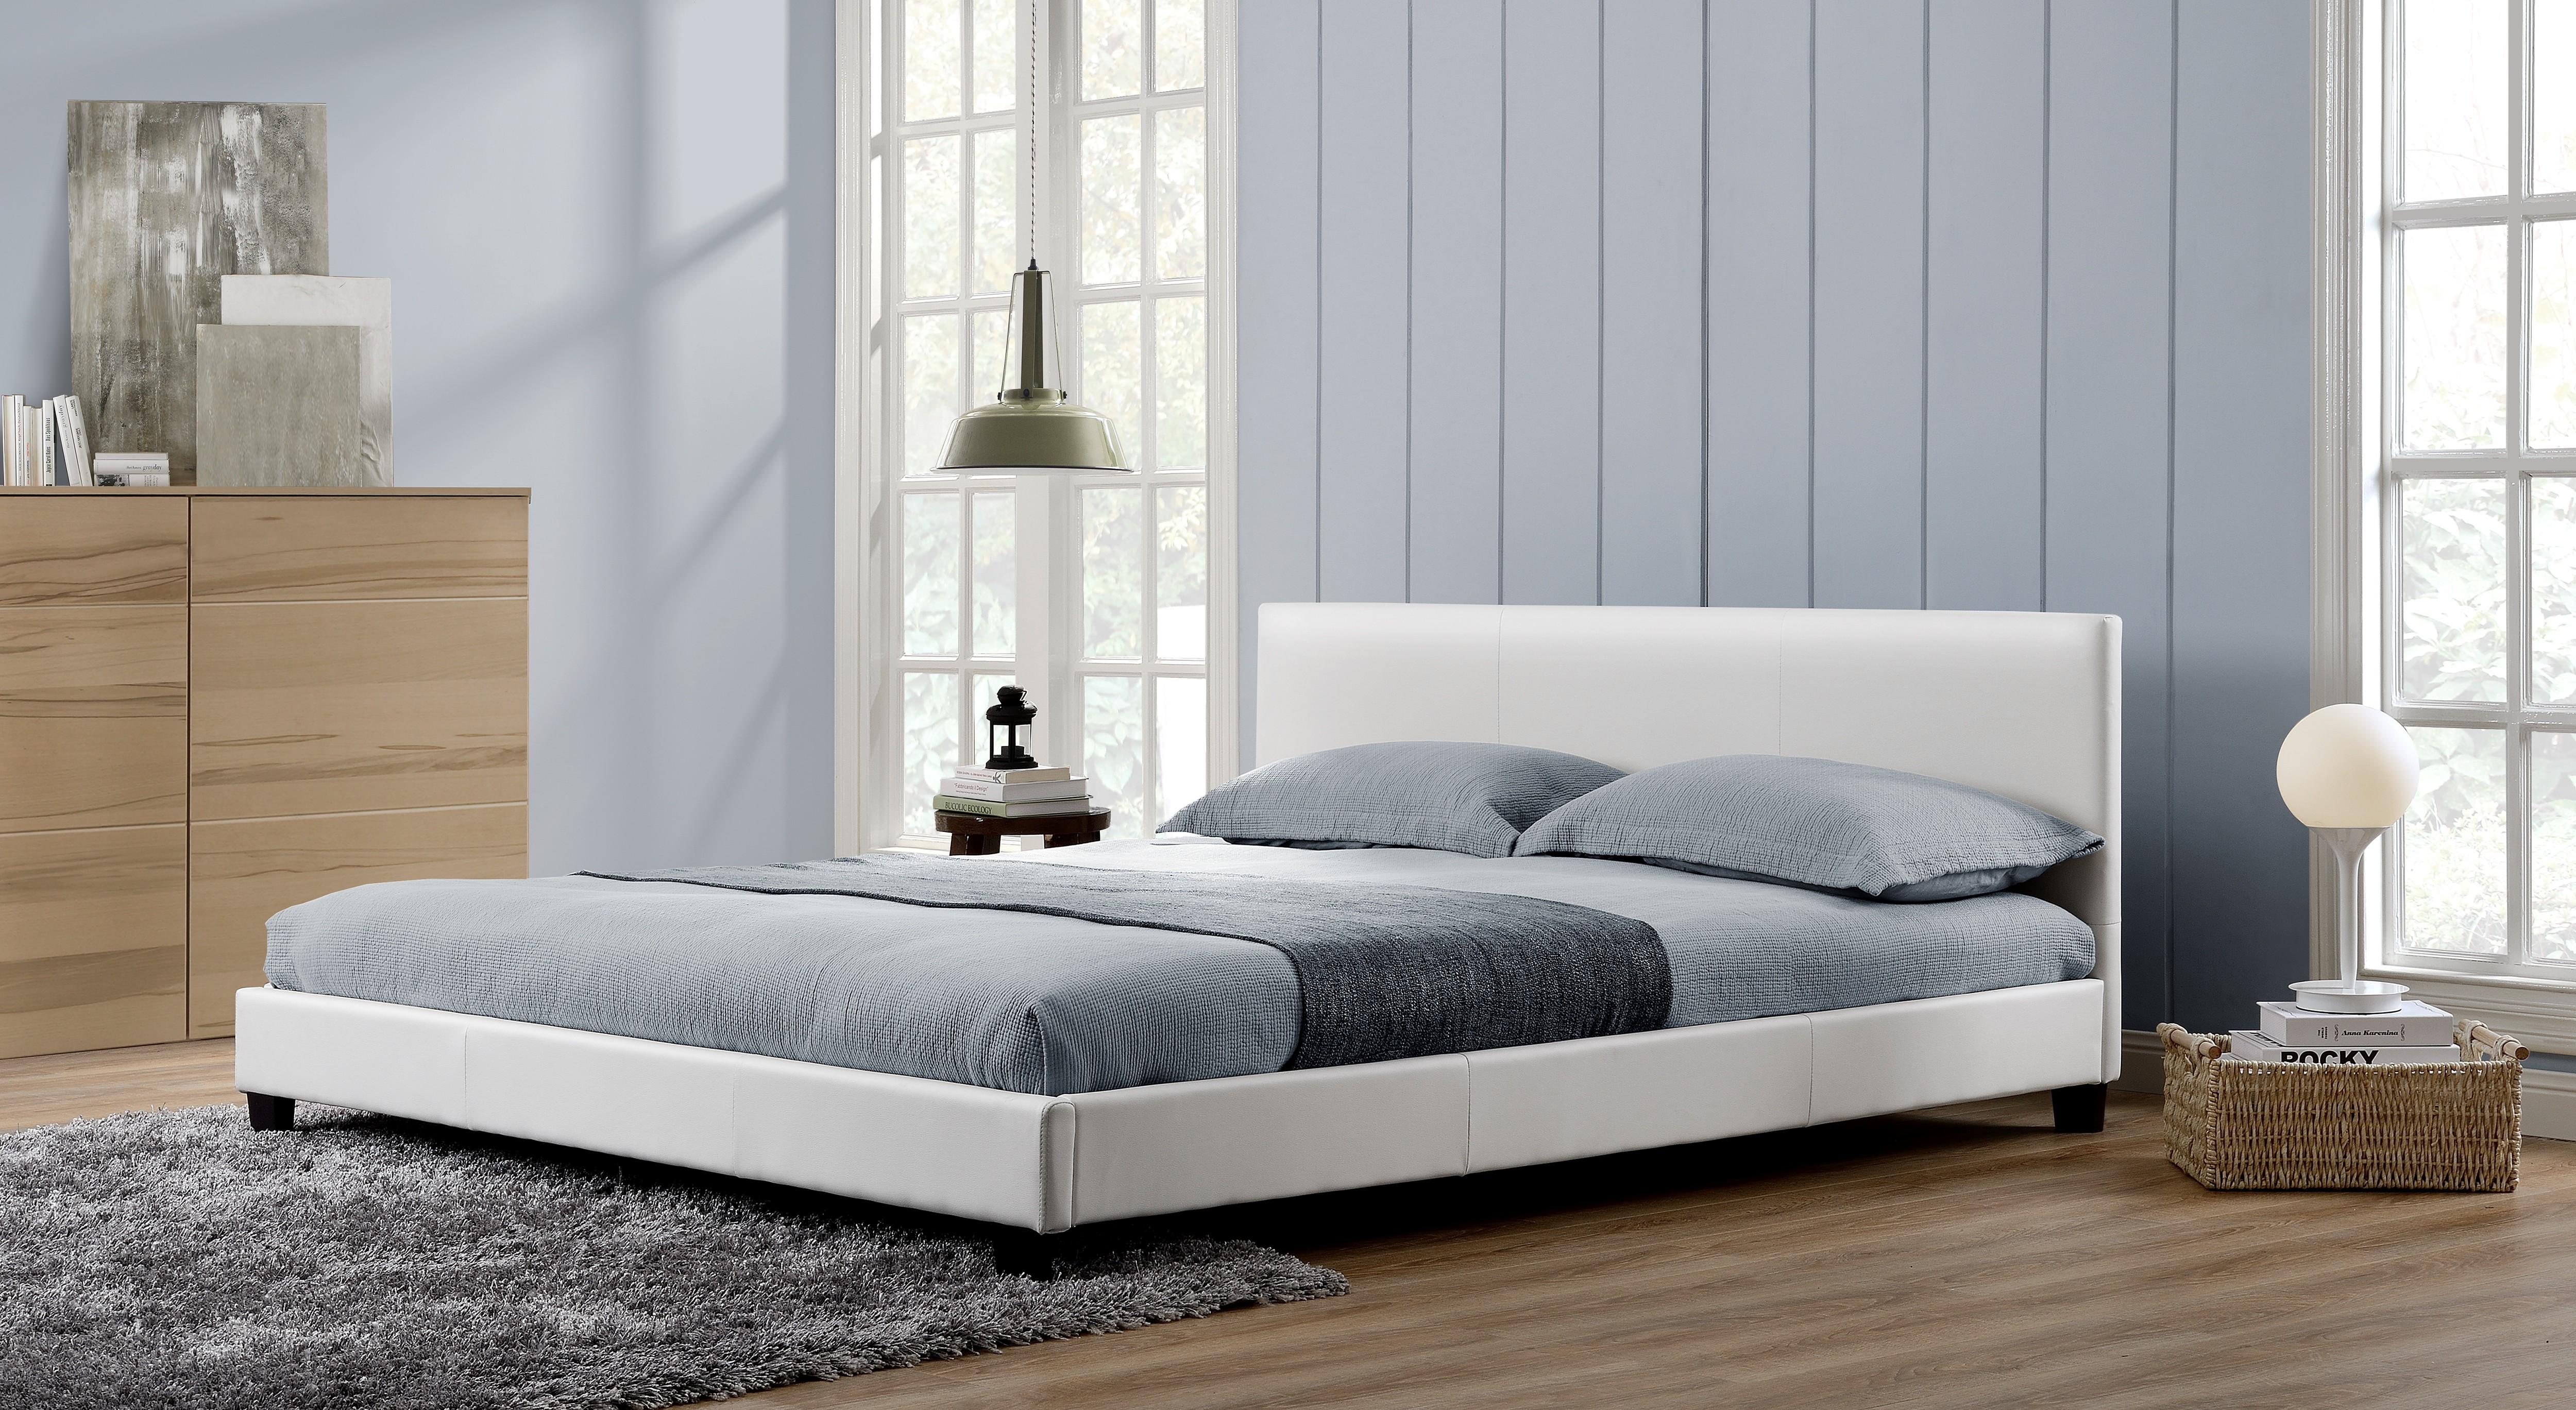 Lit Oxford 140x190cm - Cadre de lit en simili cuir Blanc